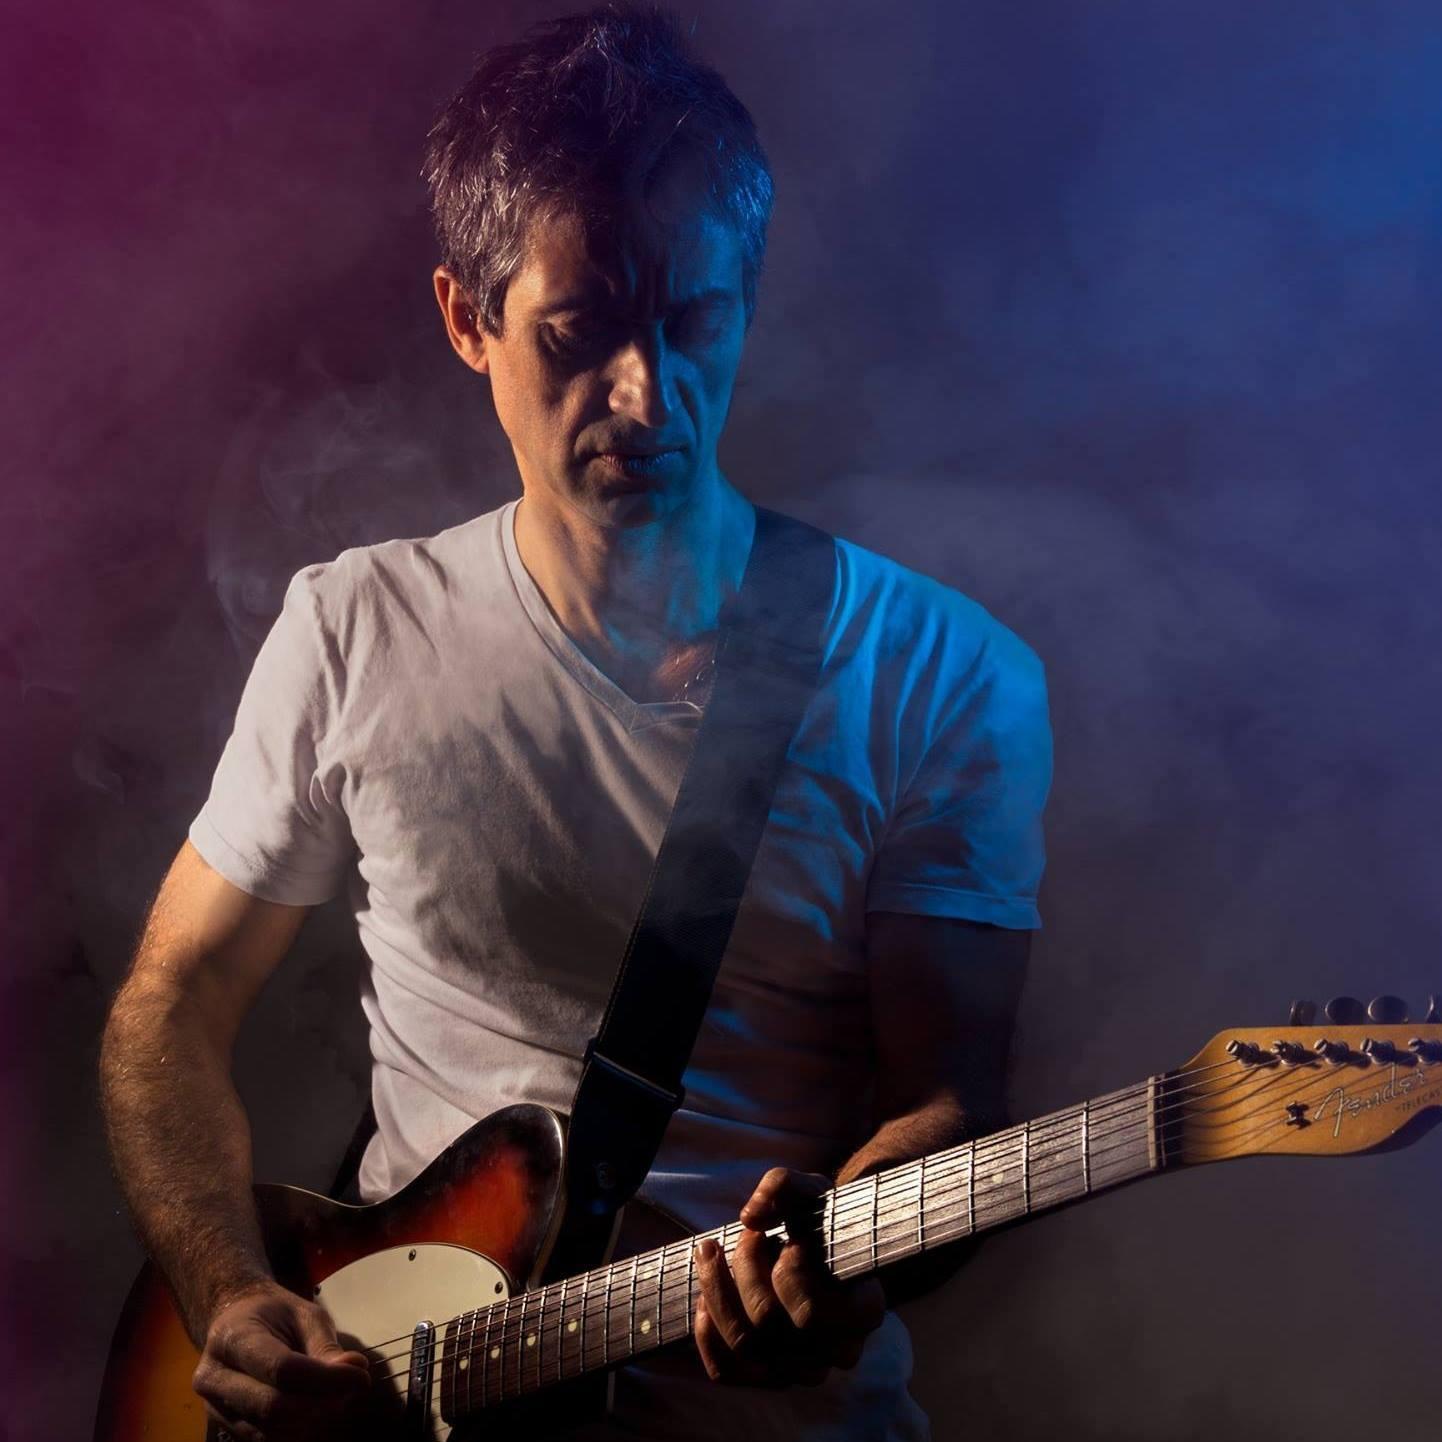 Damian Palacios